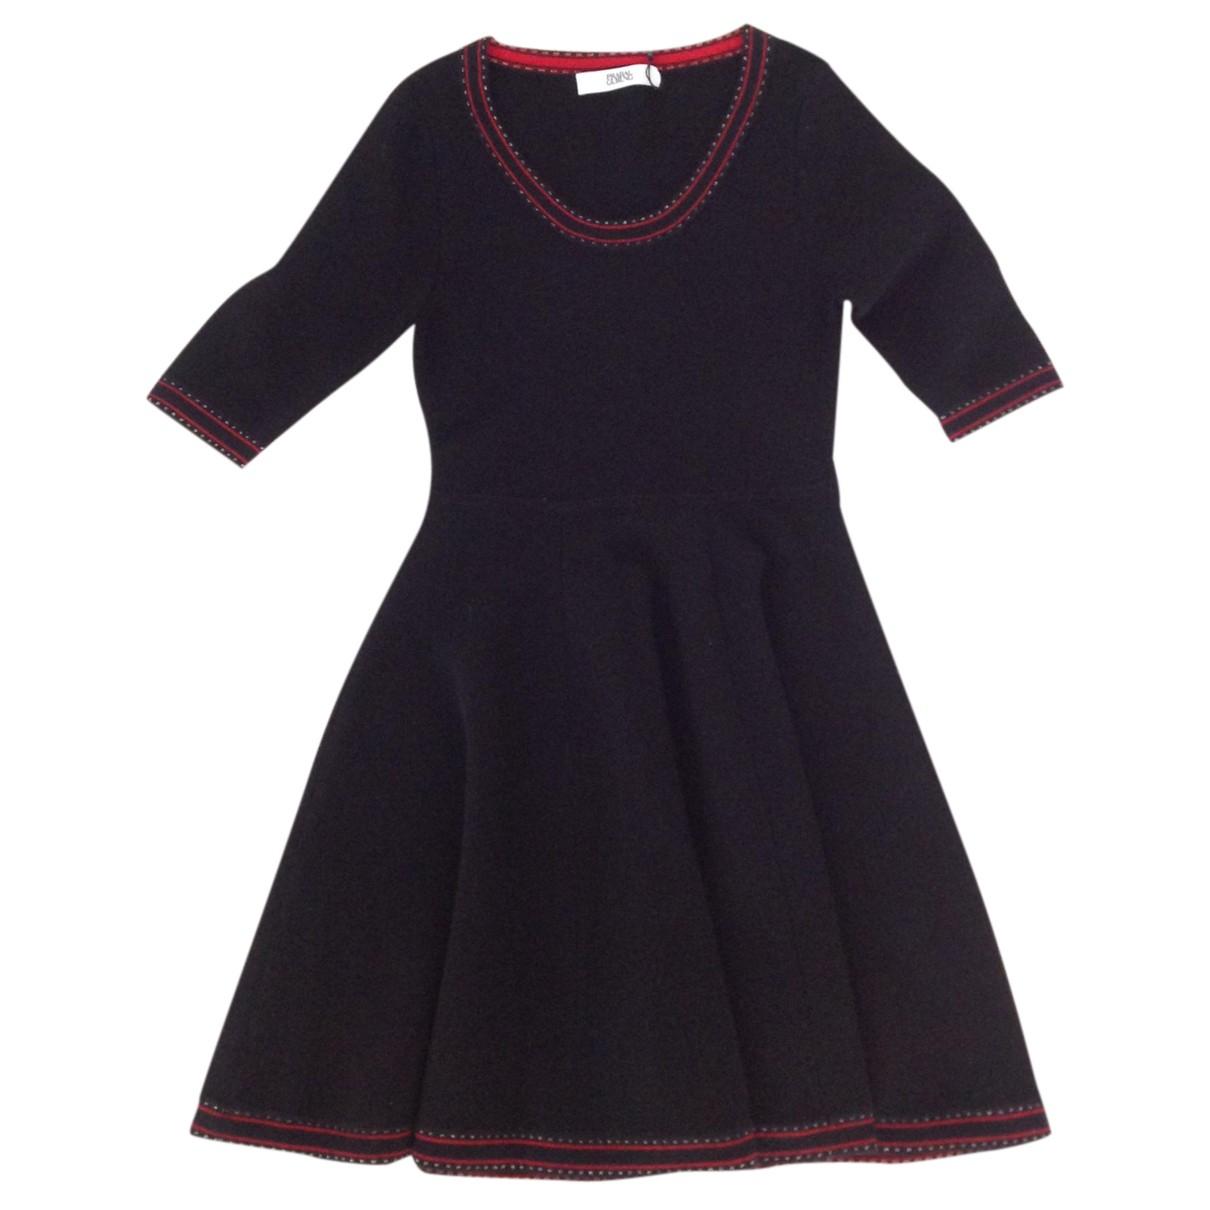 Prabal Gurung \N Kleid in  Schwarz Wolle